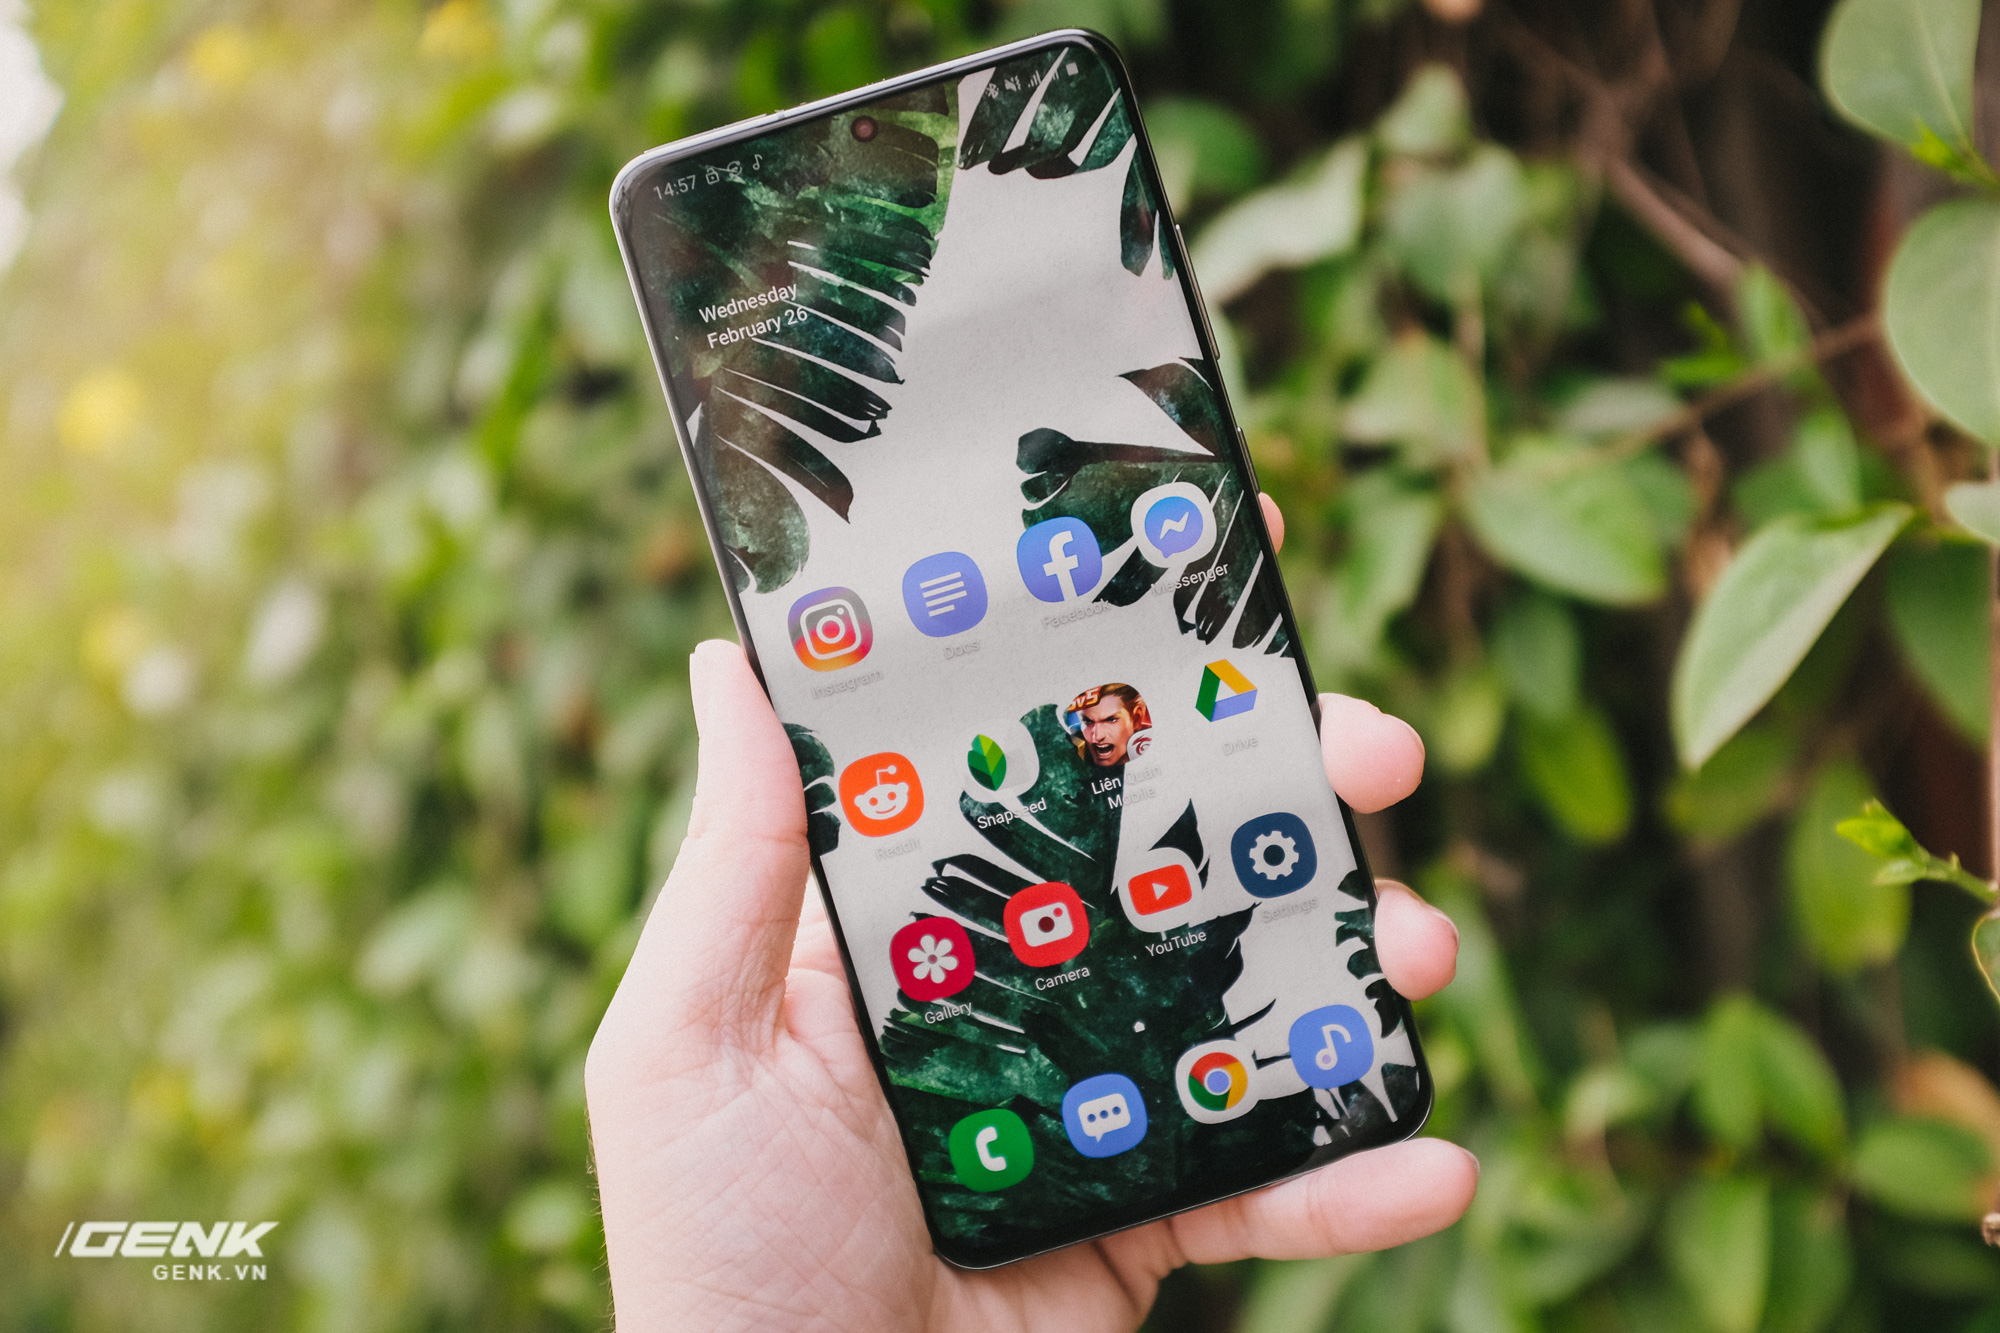 Những chi tiết thiết kế mới trên Galaxy S20 chứng tỏ Samsung vẫn bén lắm - Ảnh 3.